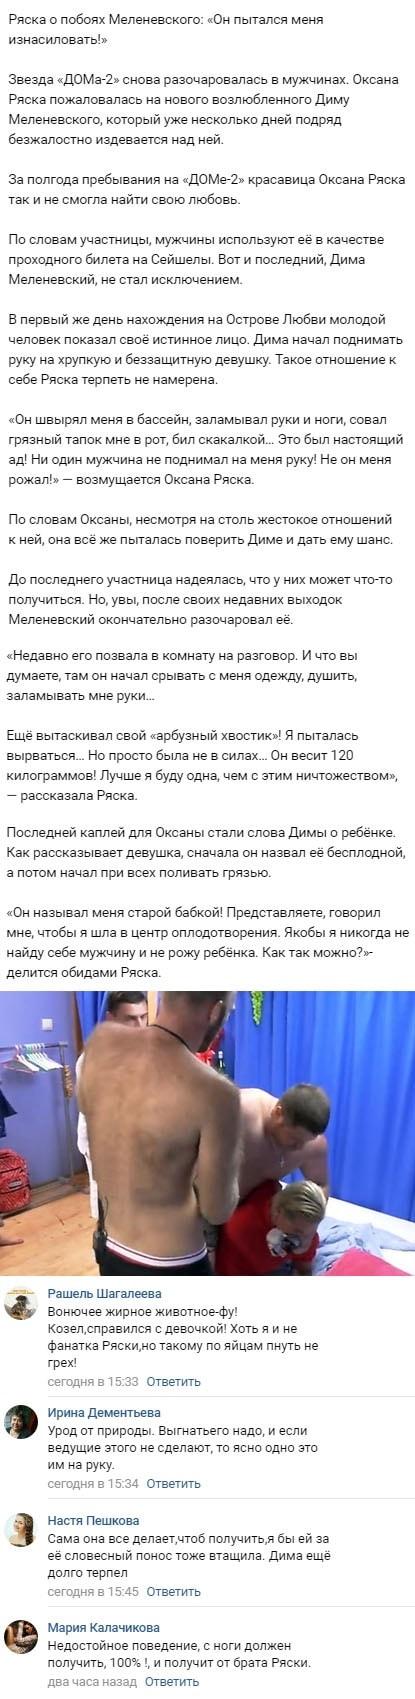 Оксана Ряска в деталях рассказала о том как ее пытались изнасиловать